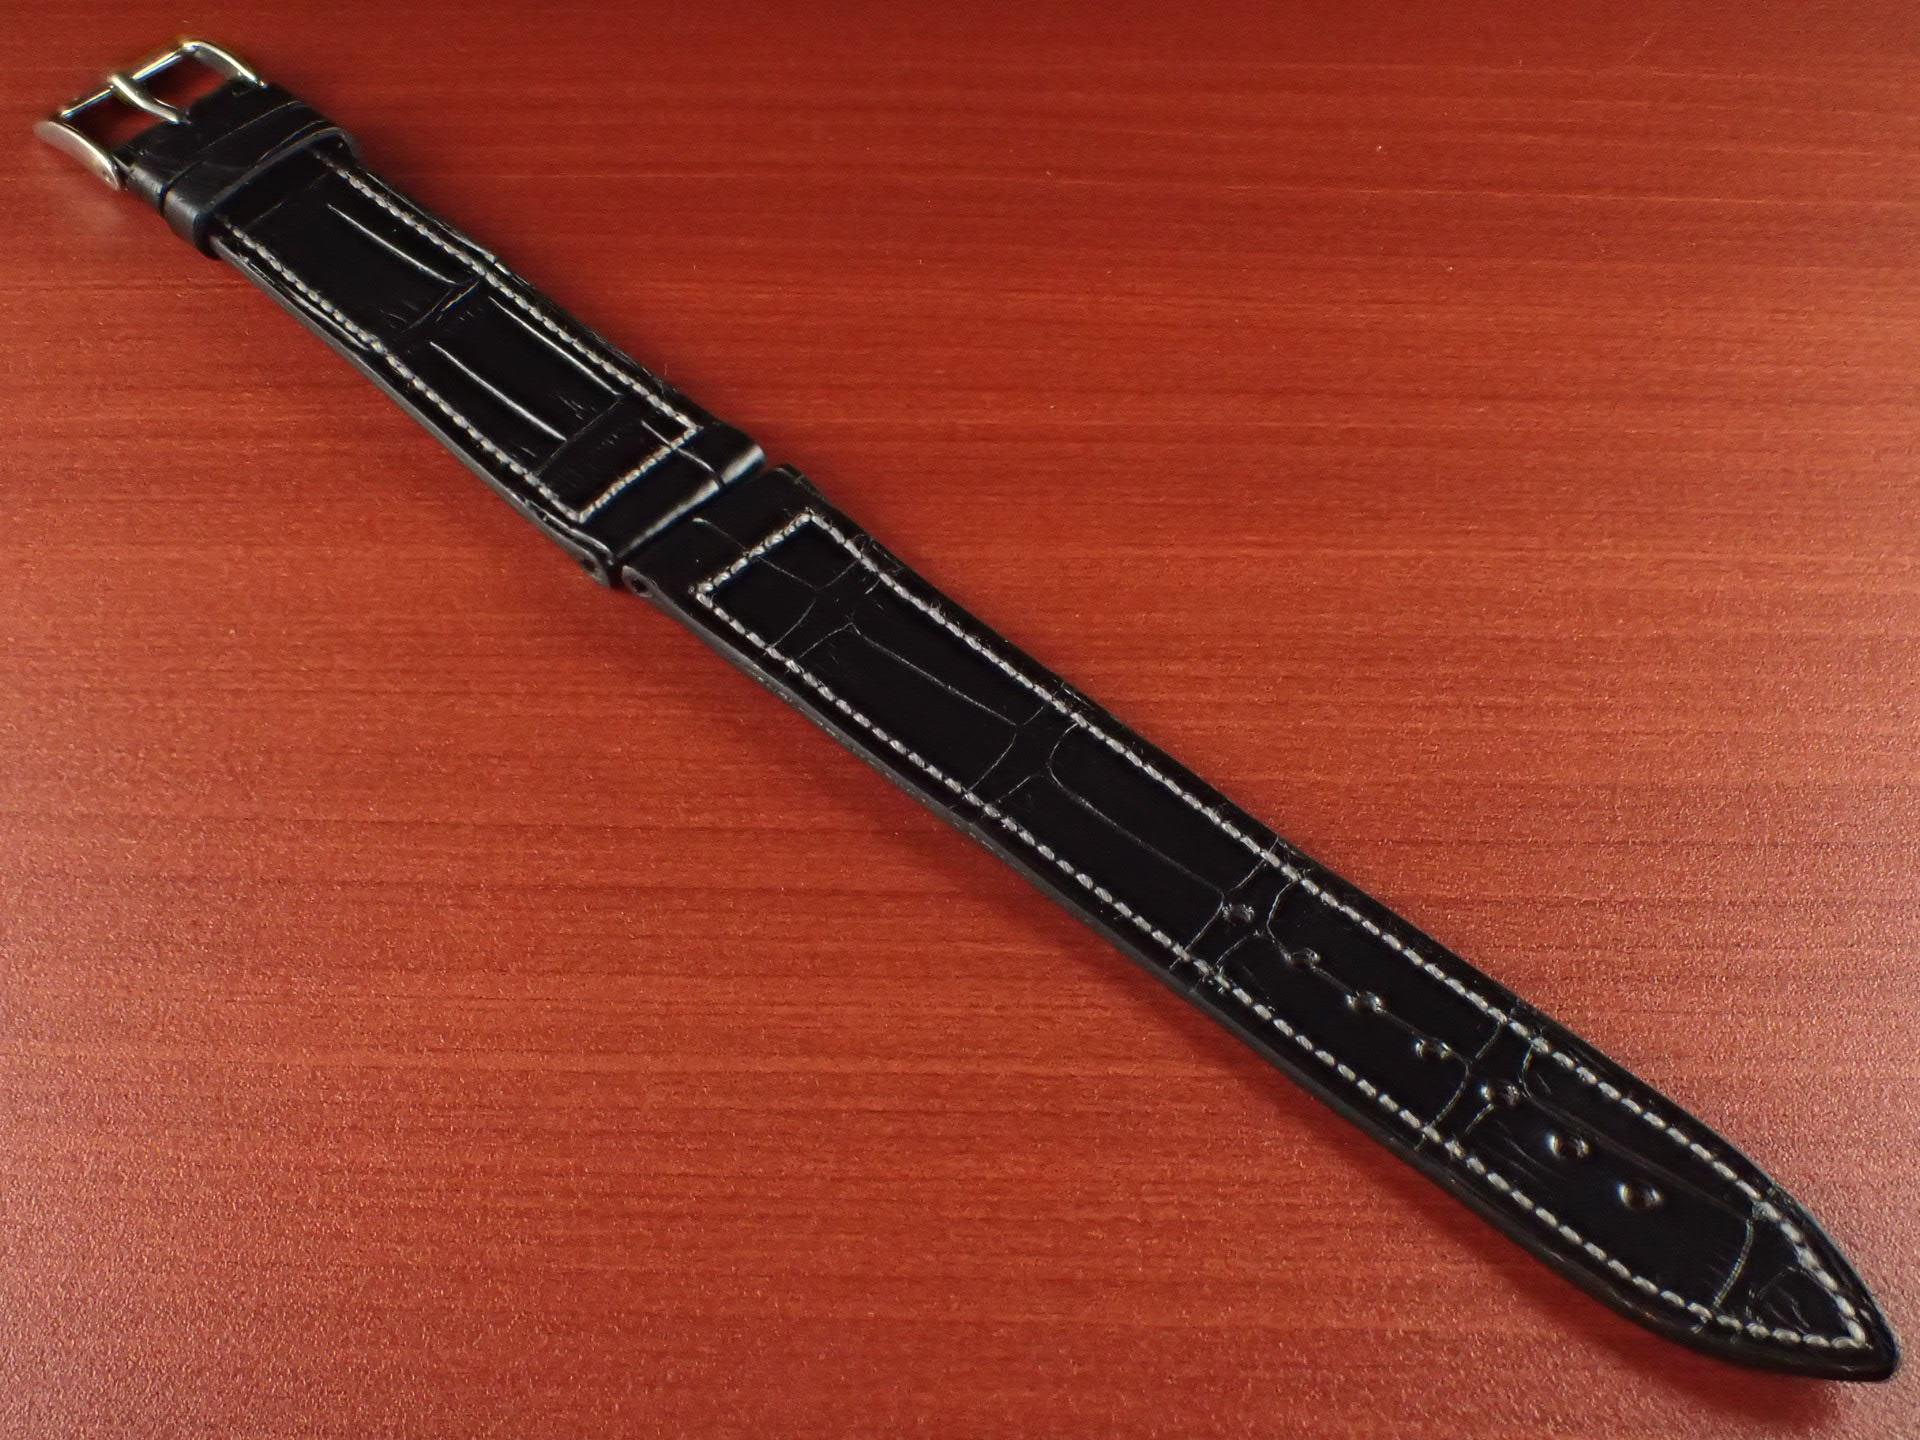 ジャン・クロード ペラン革ベルト クロコダイル ブラック 18mmのメイン写真